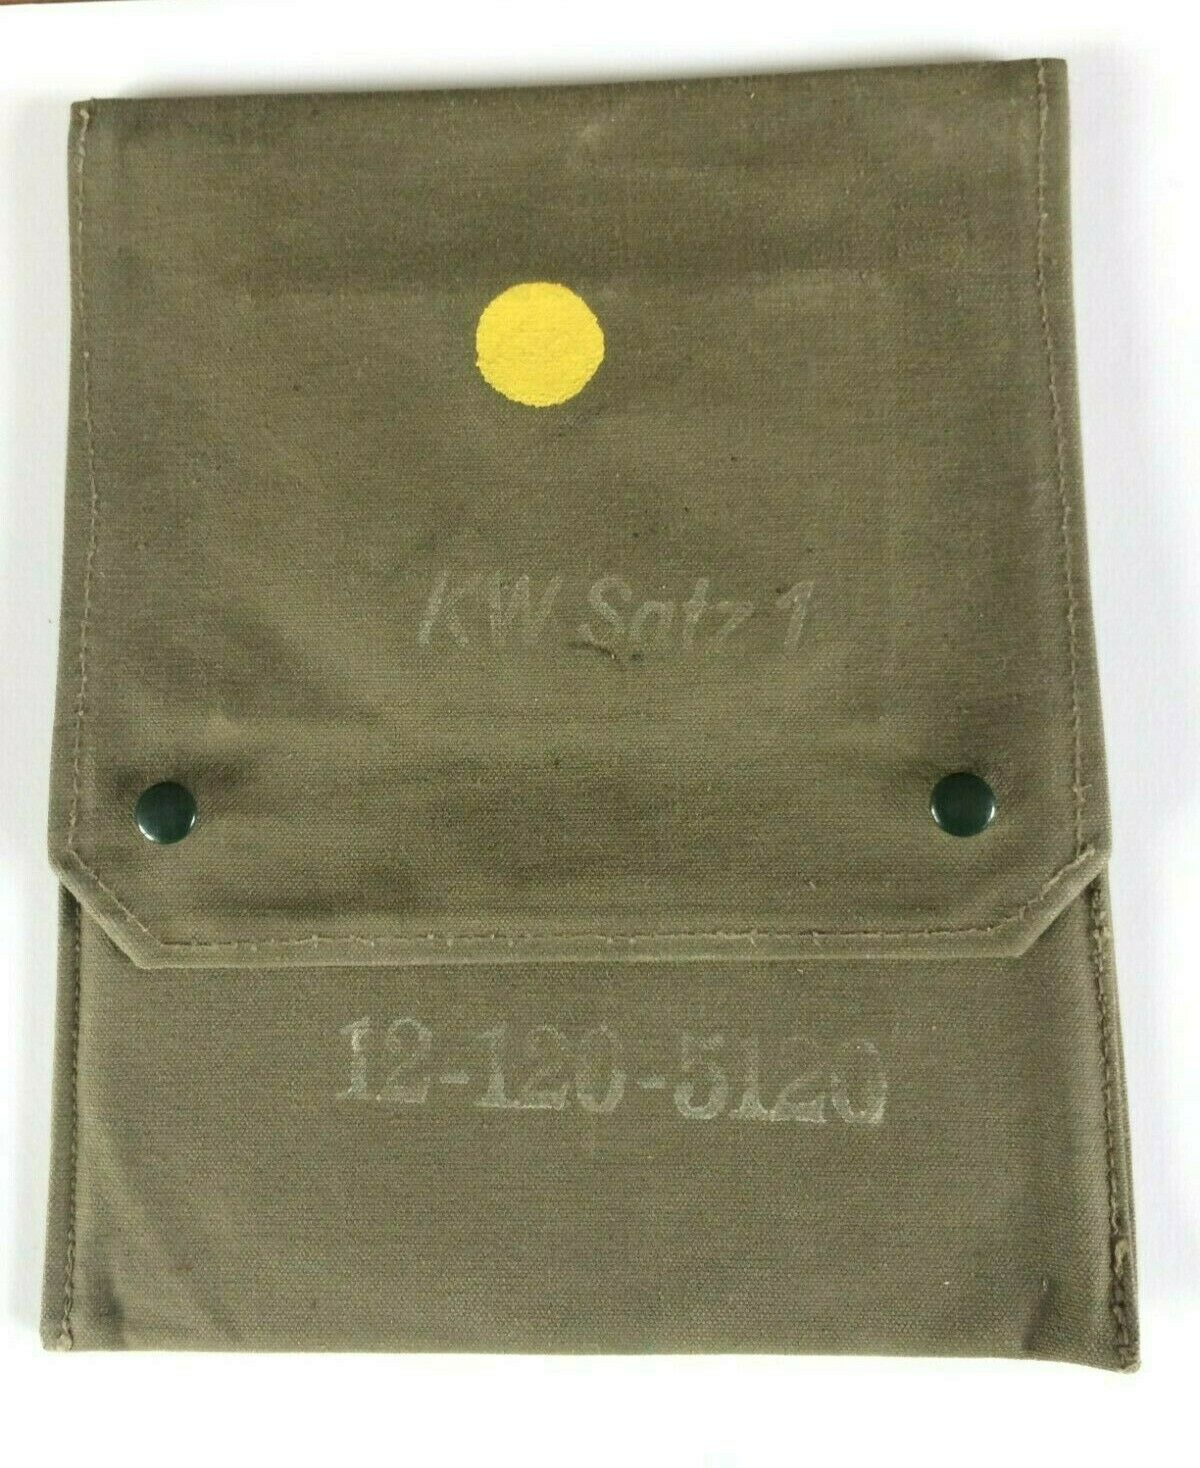 Bild 1 - Kartenwinkelmessersatz ( KW Satz 1) Wichmann der Bundeswehr